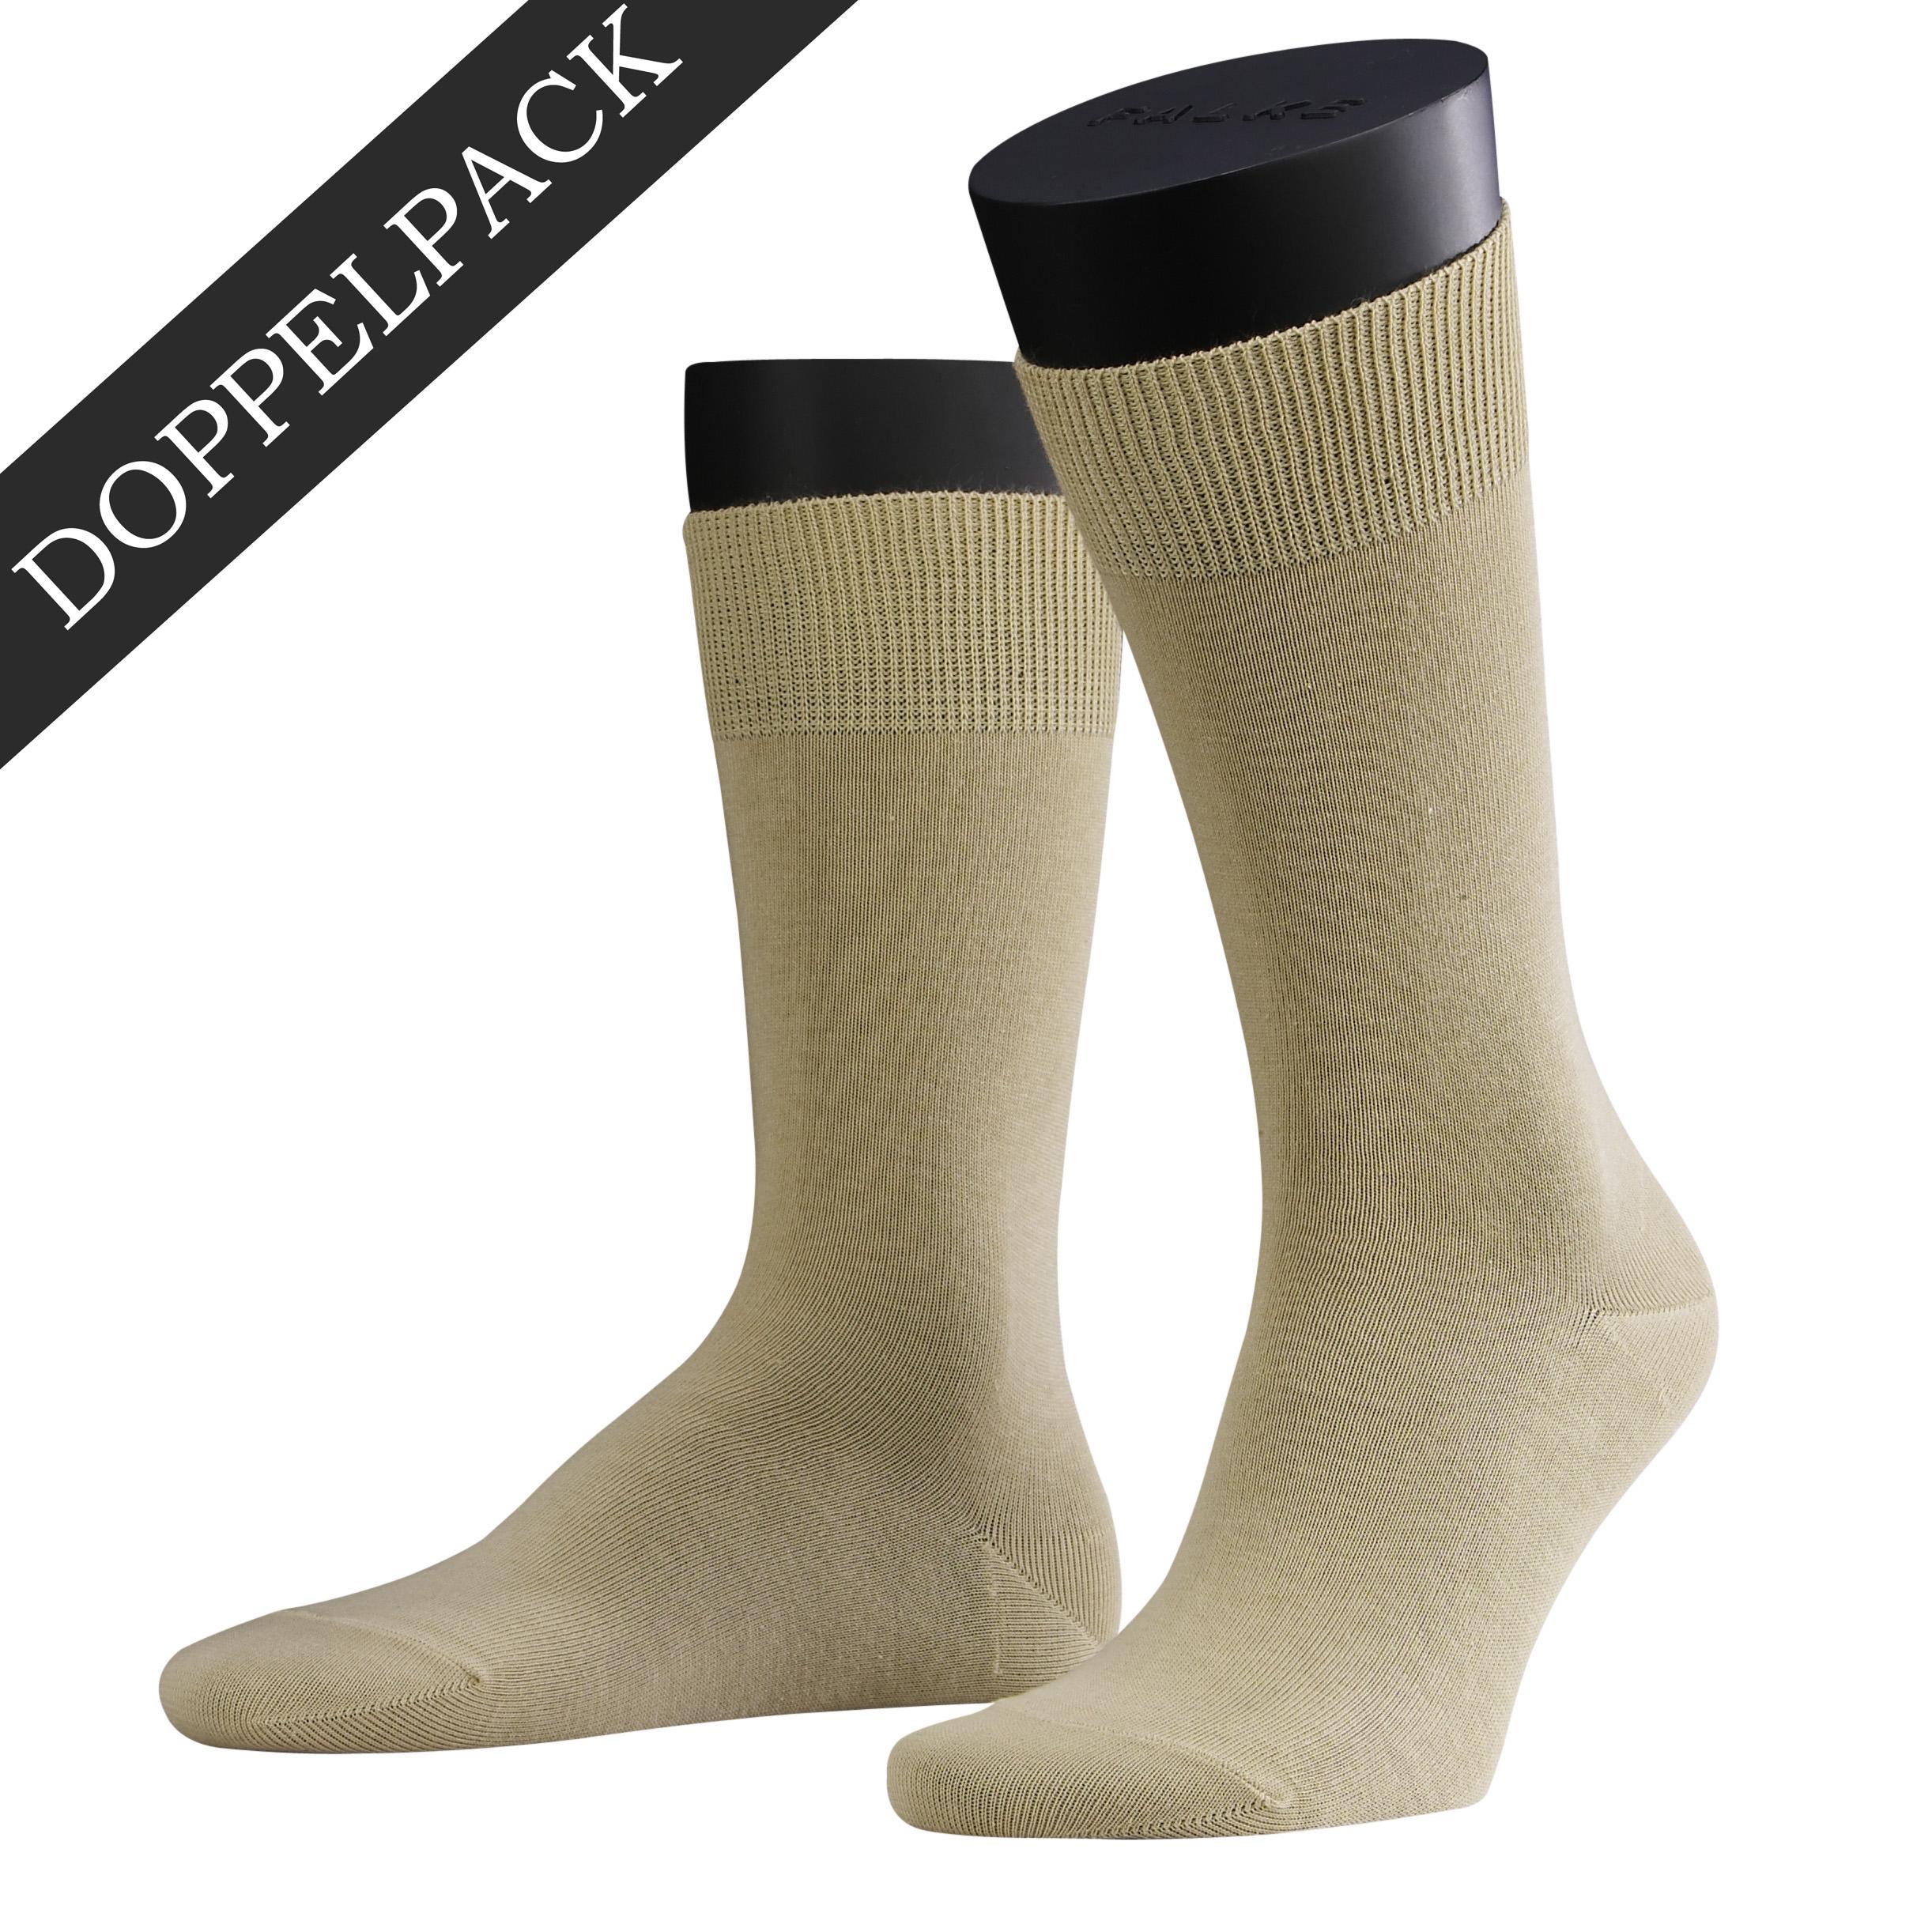 Falke Doppelpack Socke Swing sand beige 14633 - 4320 Basic Baumwolle